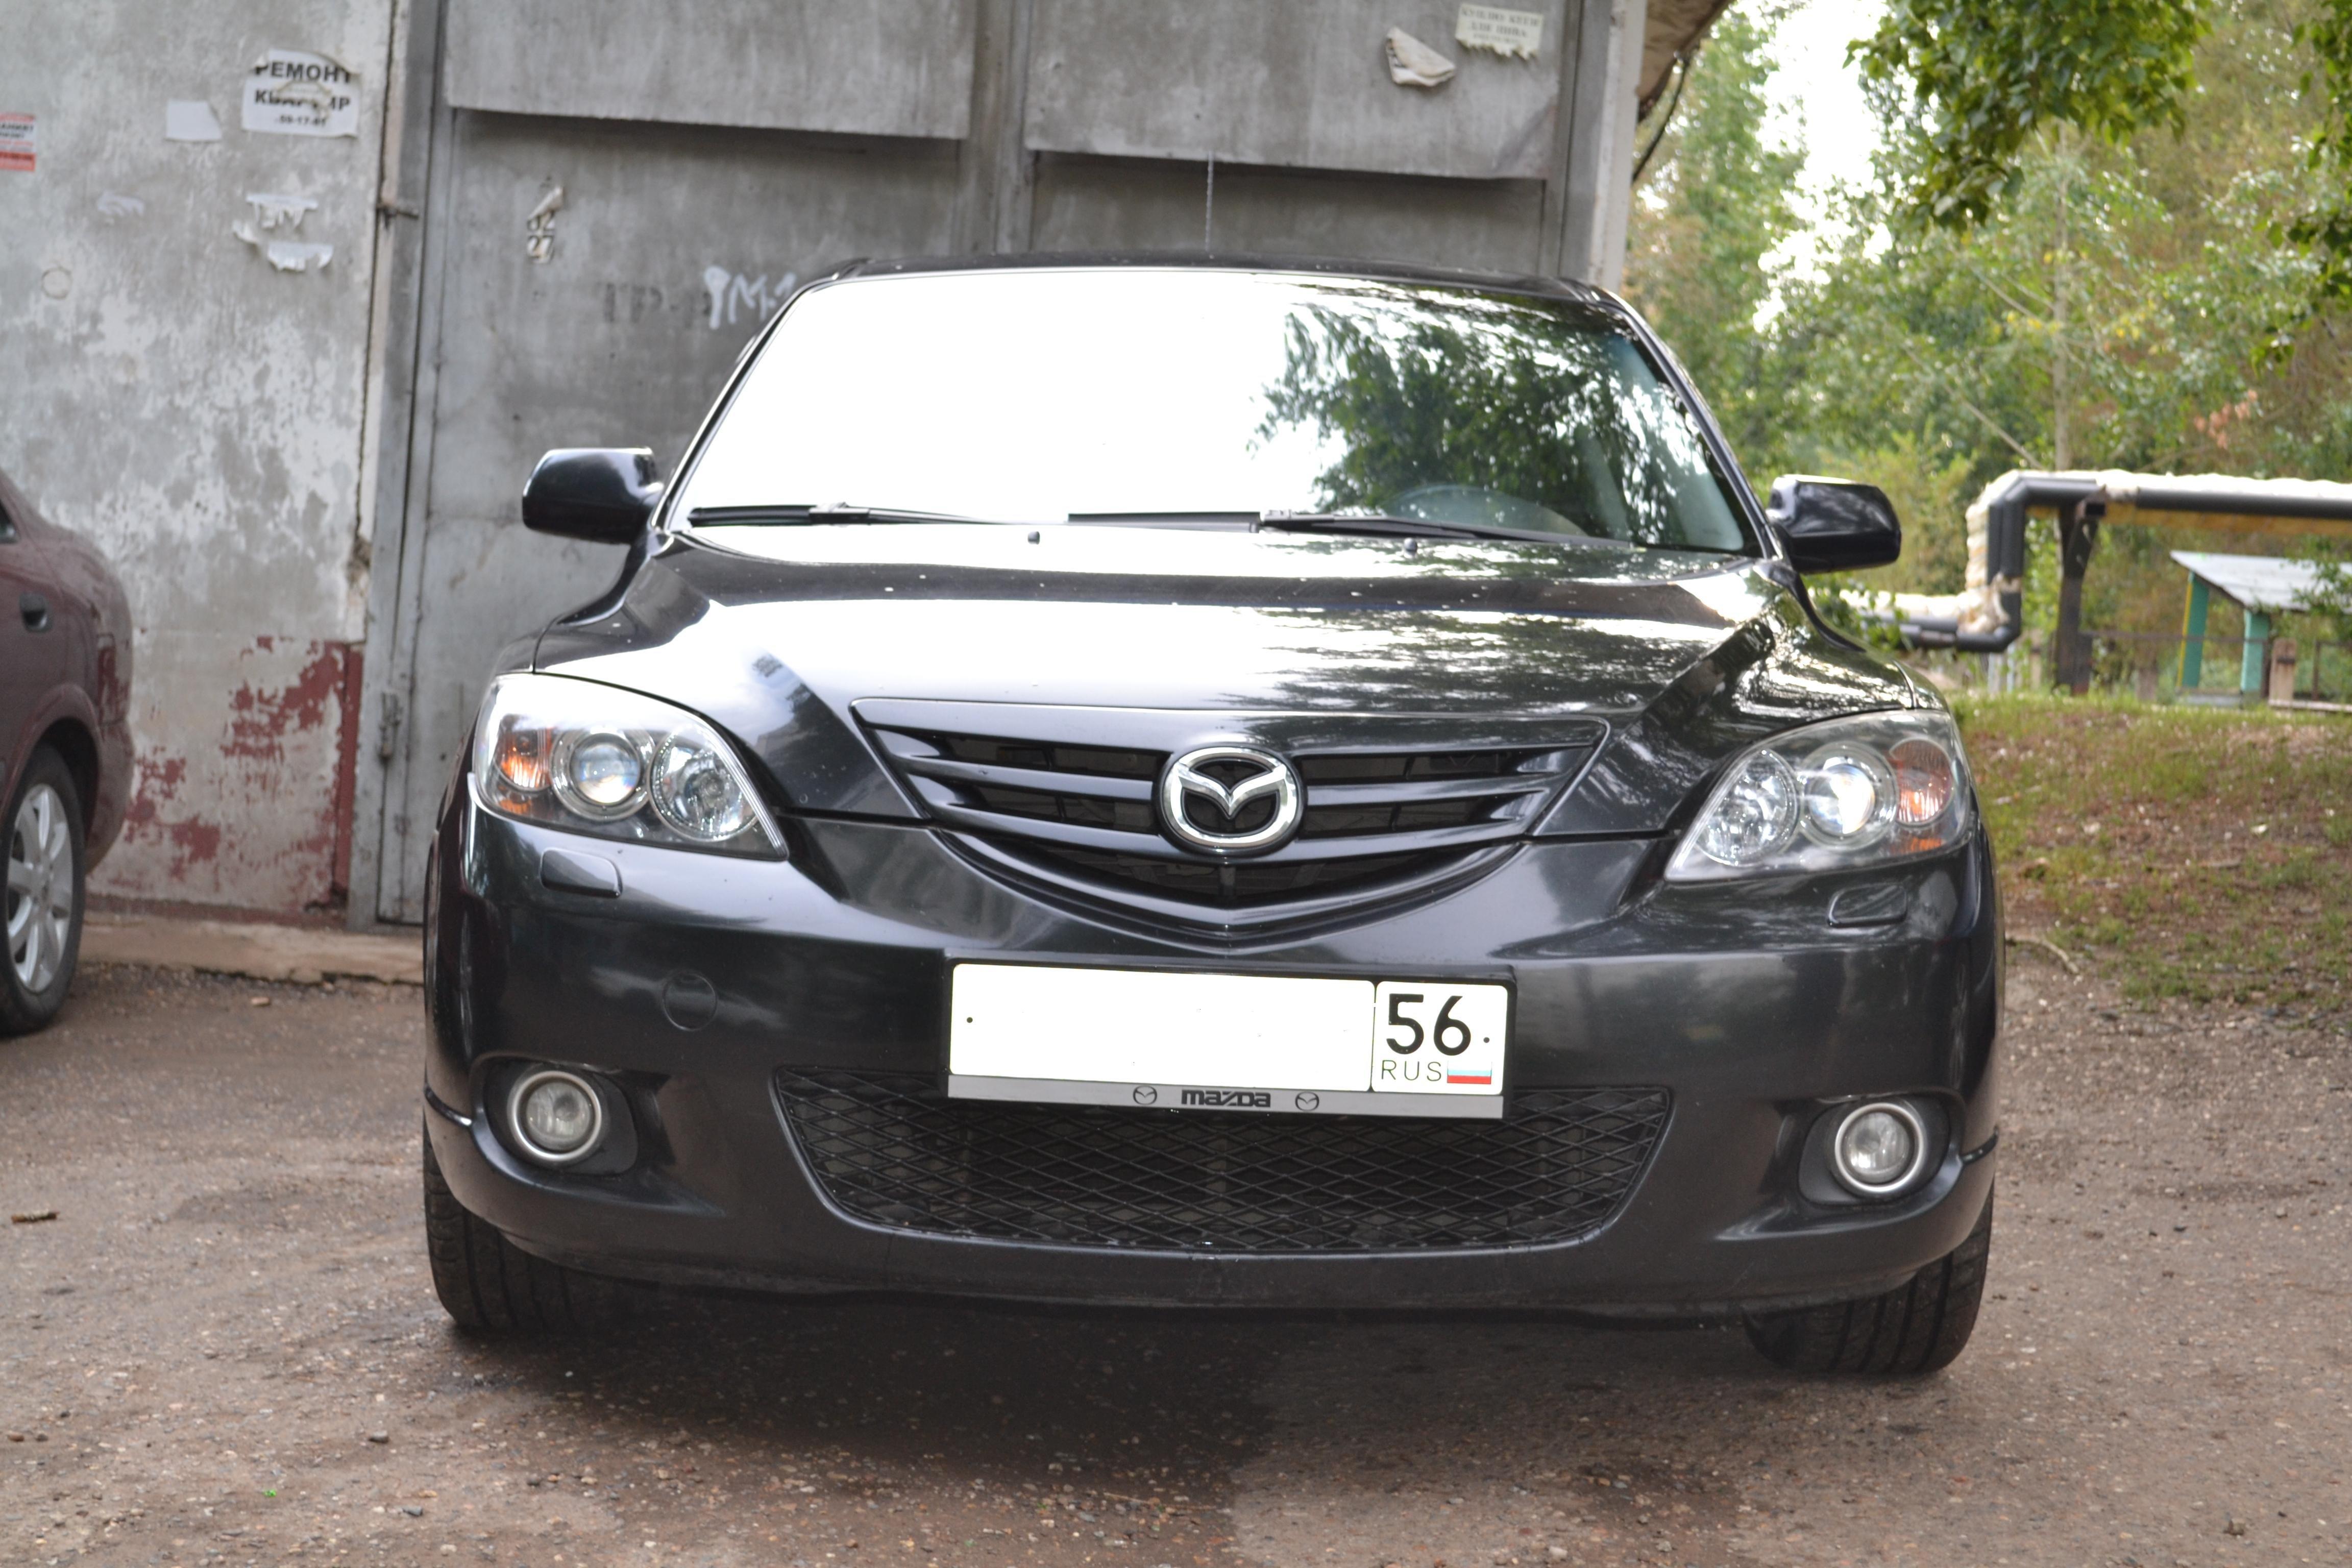 mazda 3 2010 год объем двигателя 2 литра отзывы